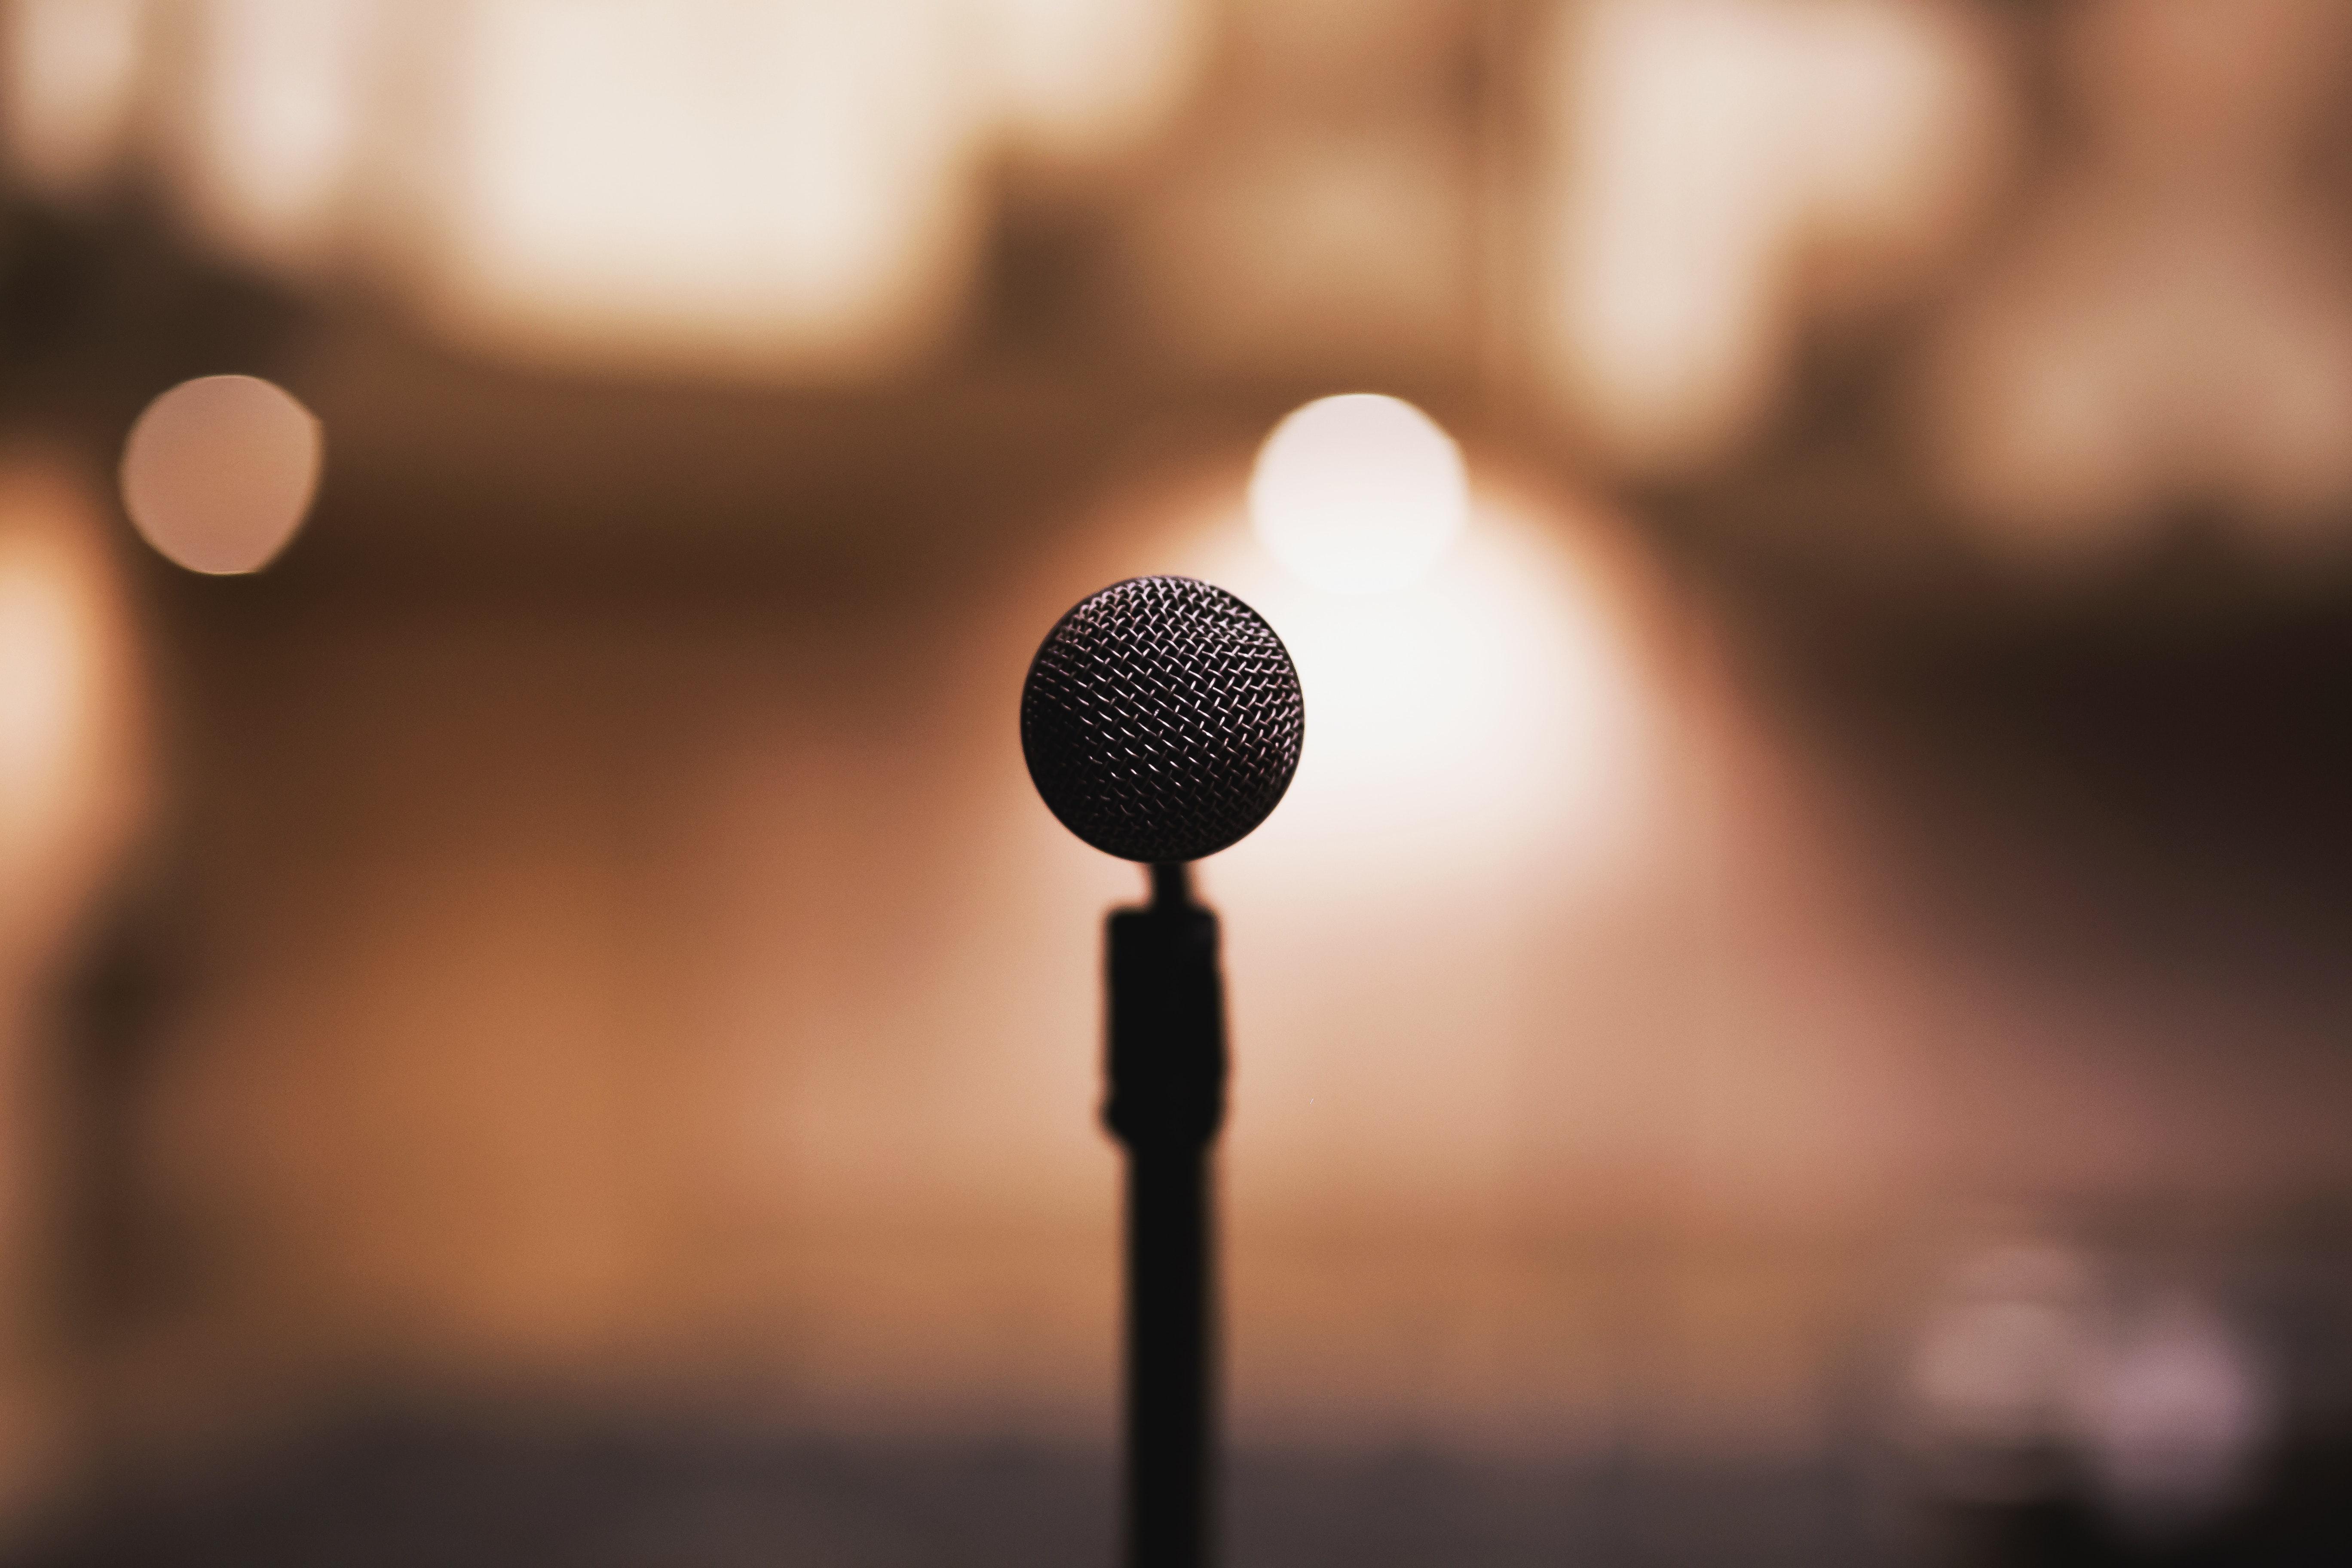 Hyperabondance et excès de vitesse… la vérité journalistique existe-t-elle encore?